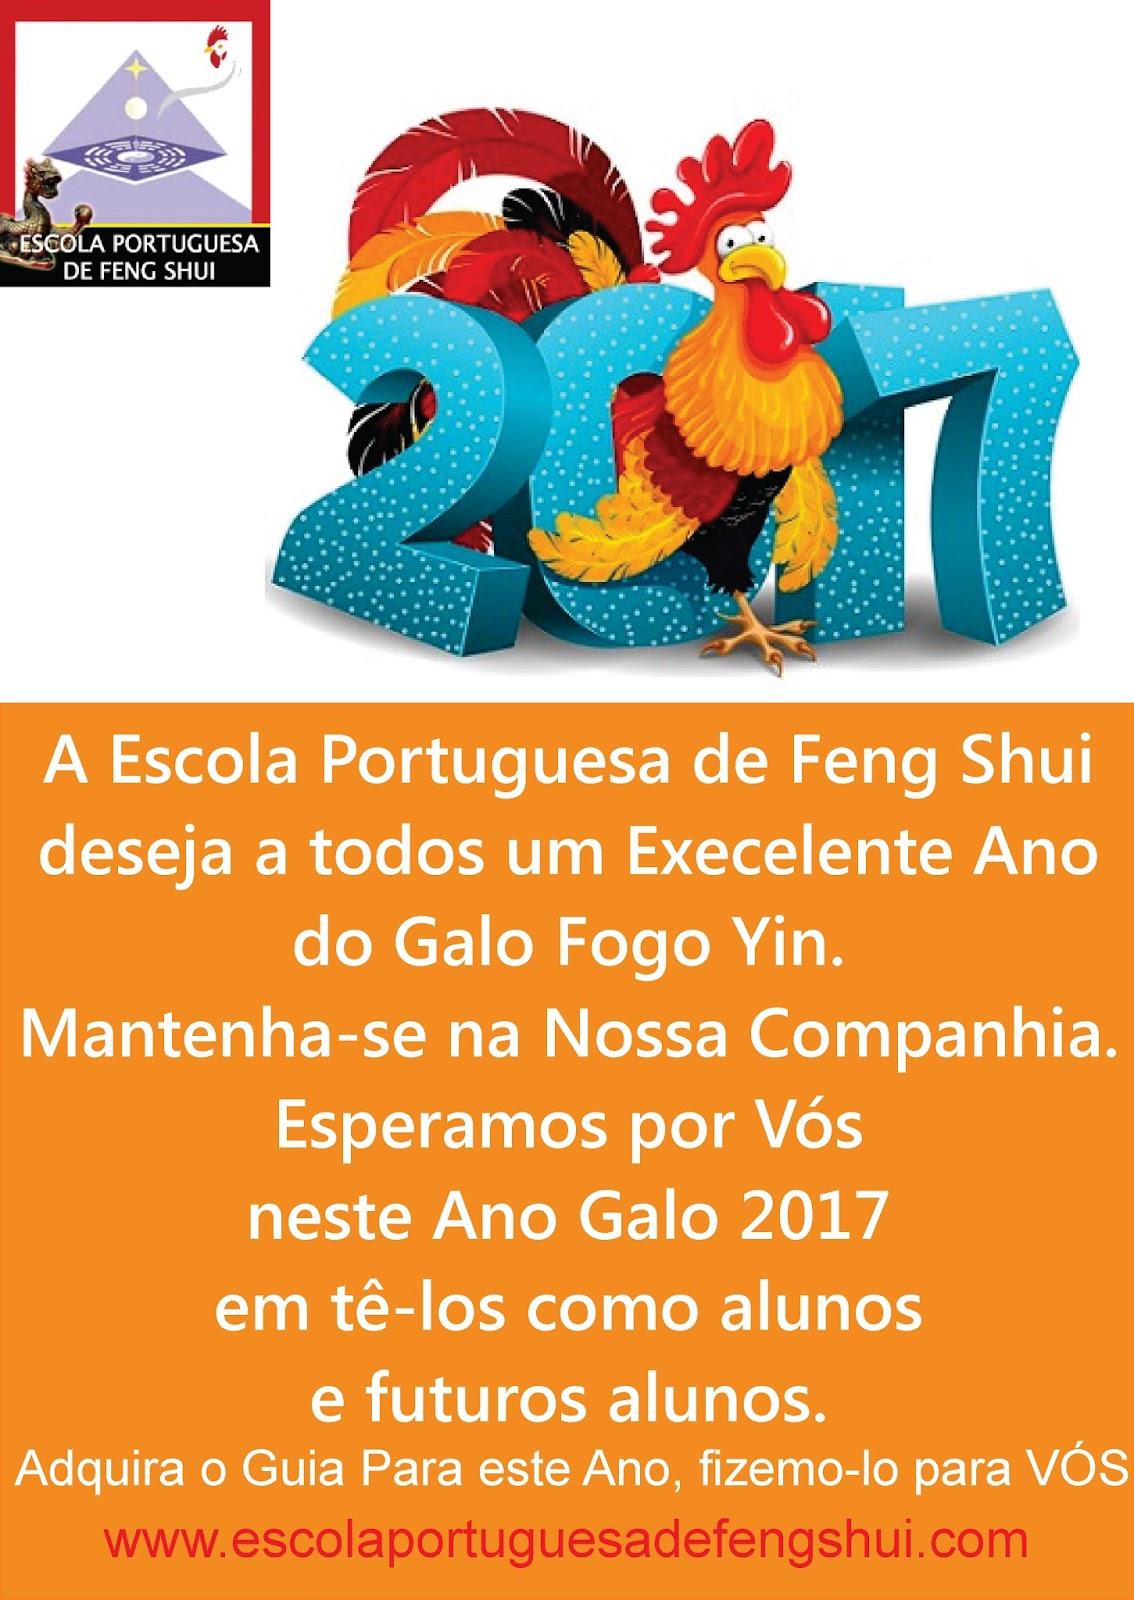 Feng shui escola portuguesa a e p f s agradece for Feng shui para todos